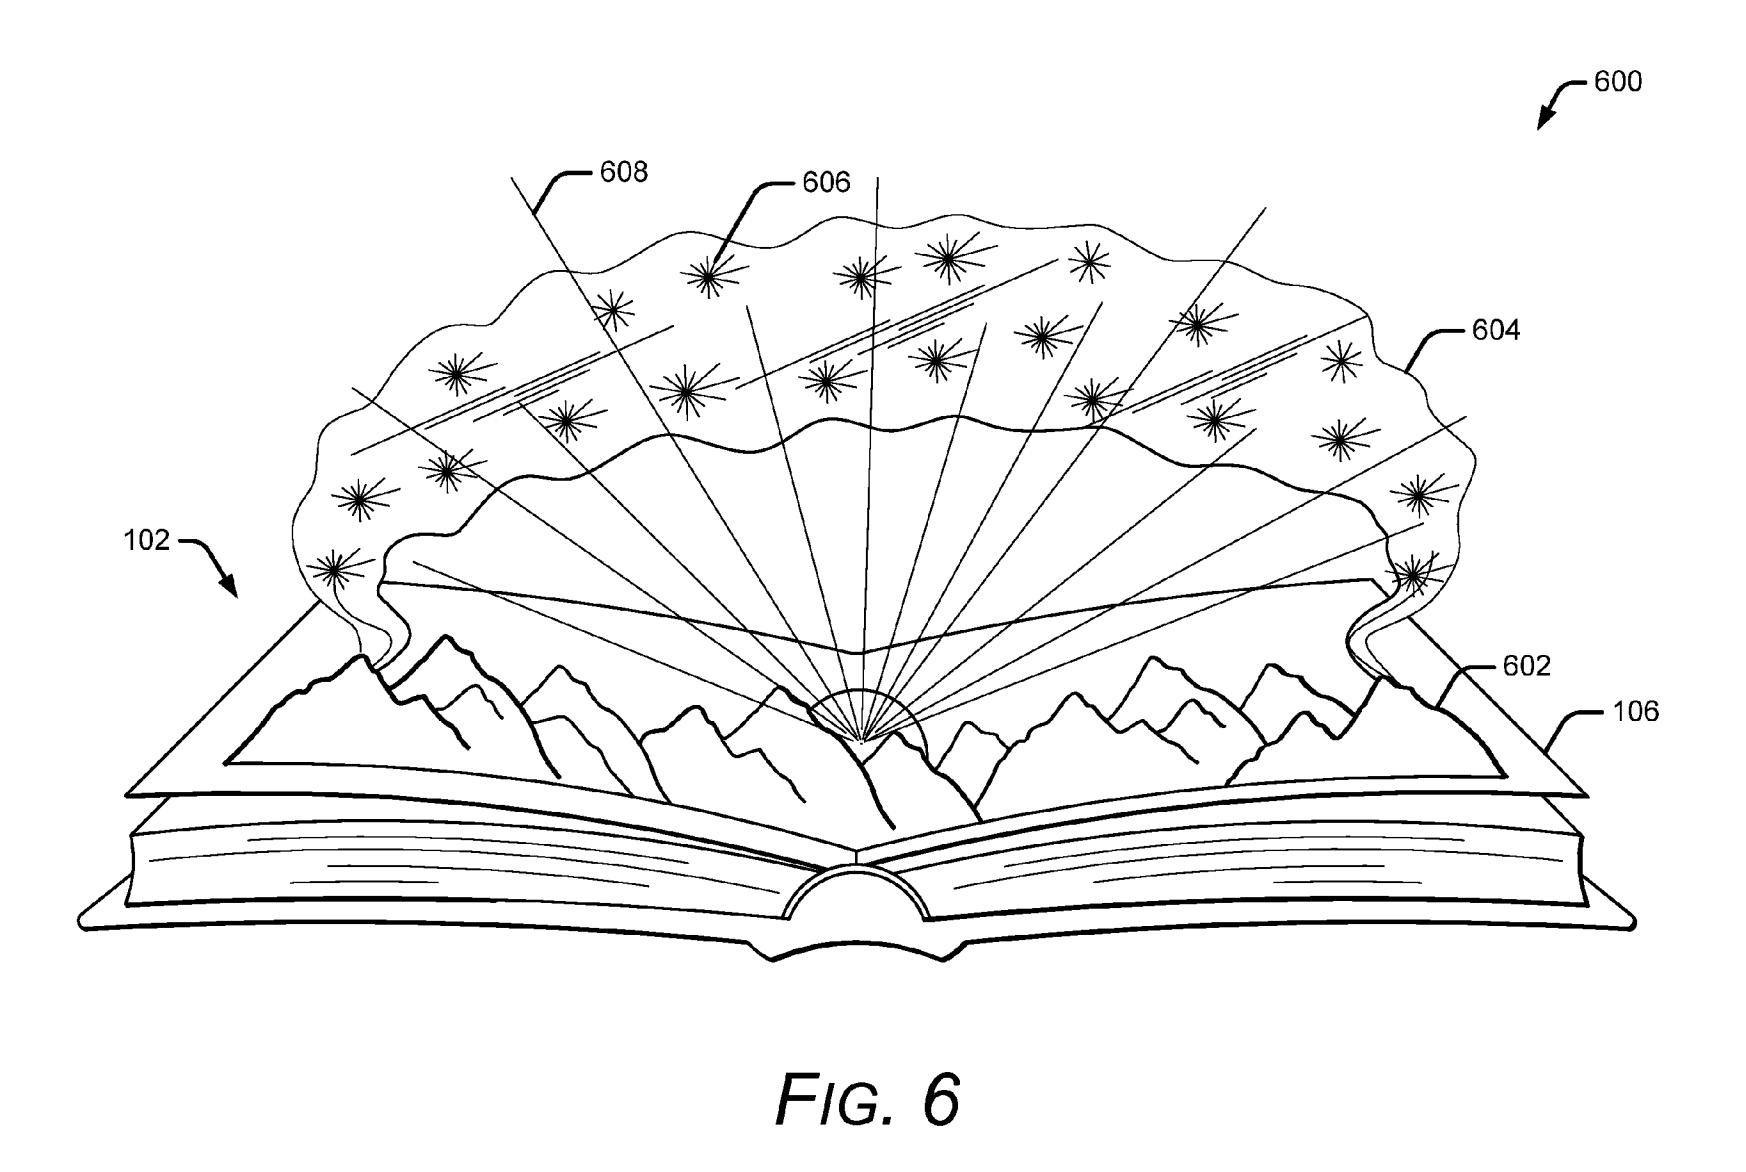 Uso del libro interactivo de Google en una patente